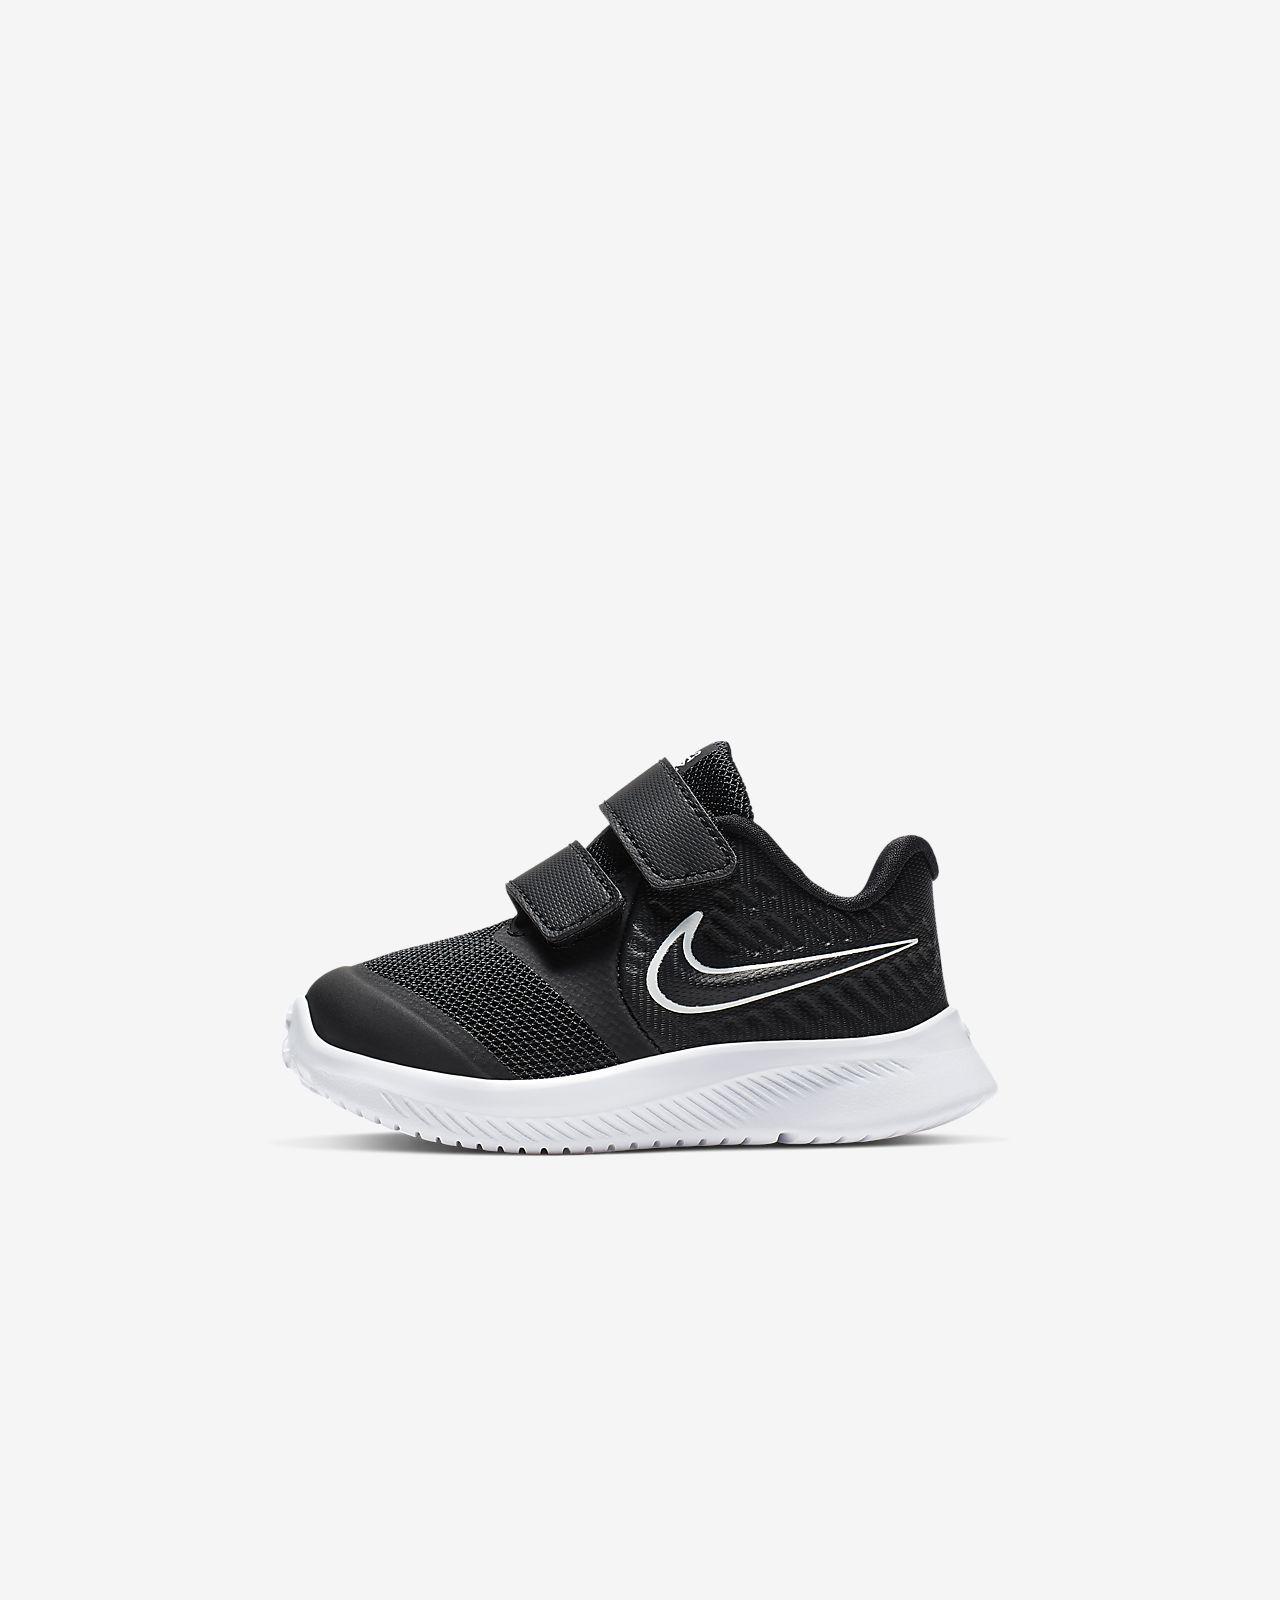 Sko Nike Star Runner 2 för baby/små barn